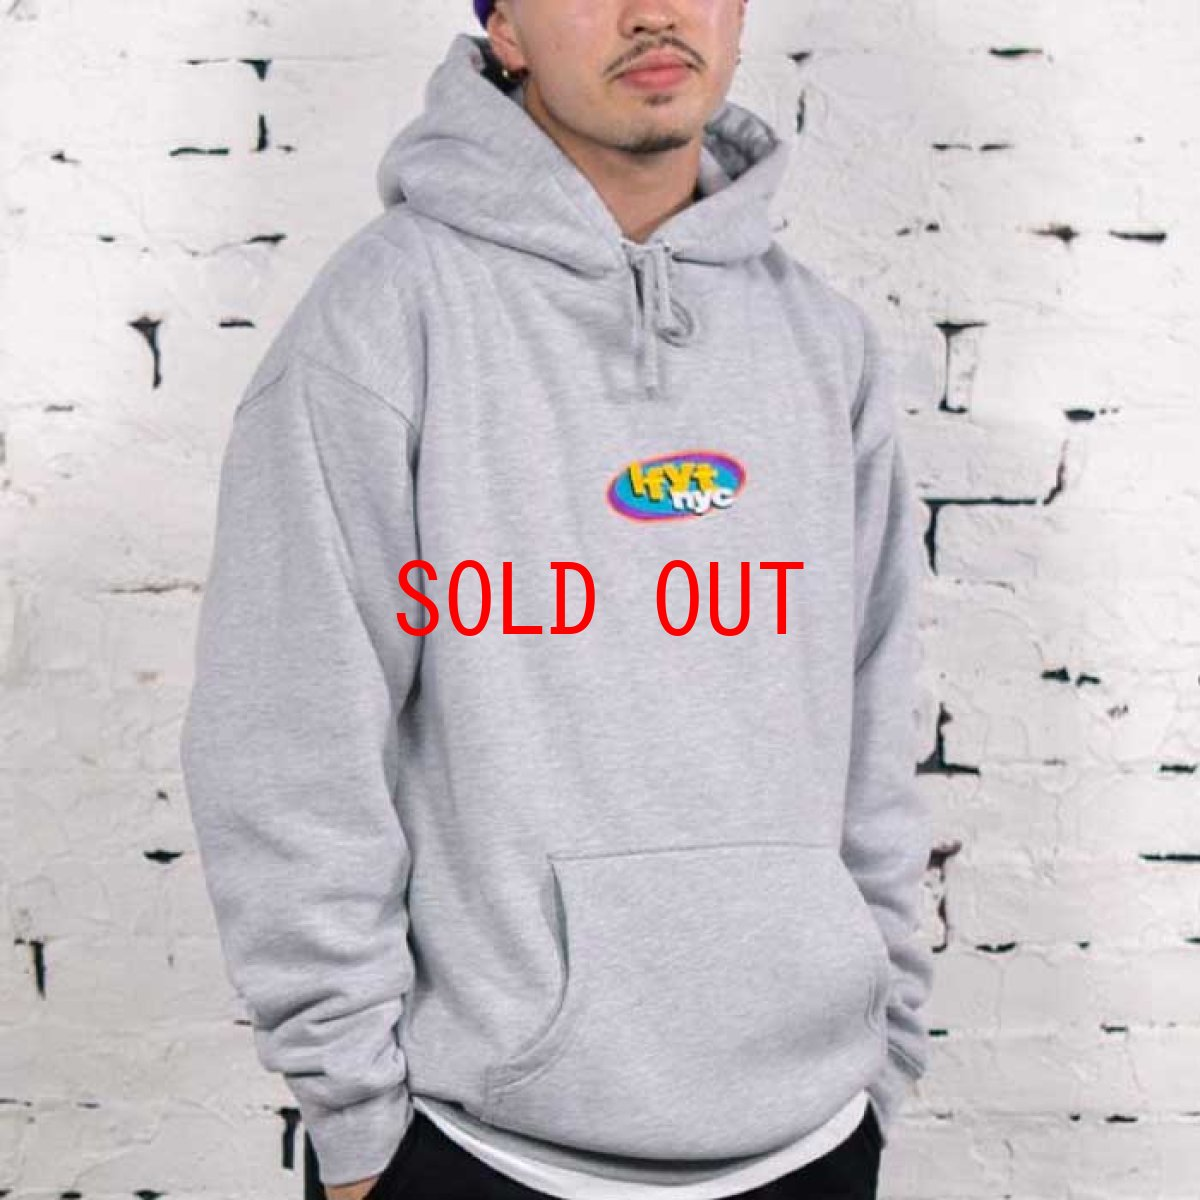 画像1: NY Radio Hooded Sweatshirt プルオーバー パーカー Heather Gray ヘザー グレー by Lafayette ラファイエット  (1)